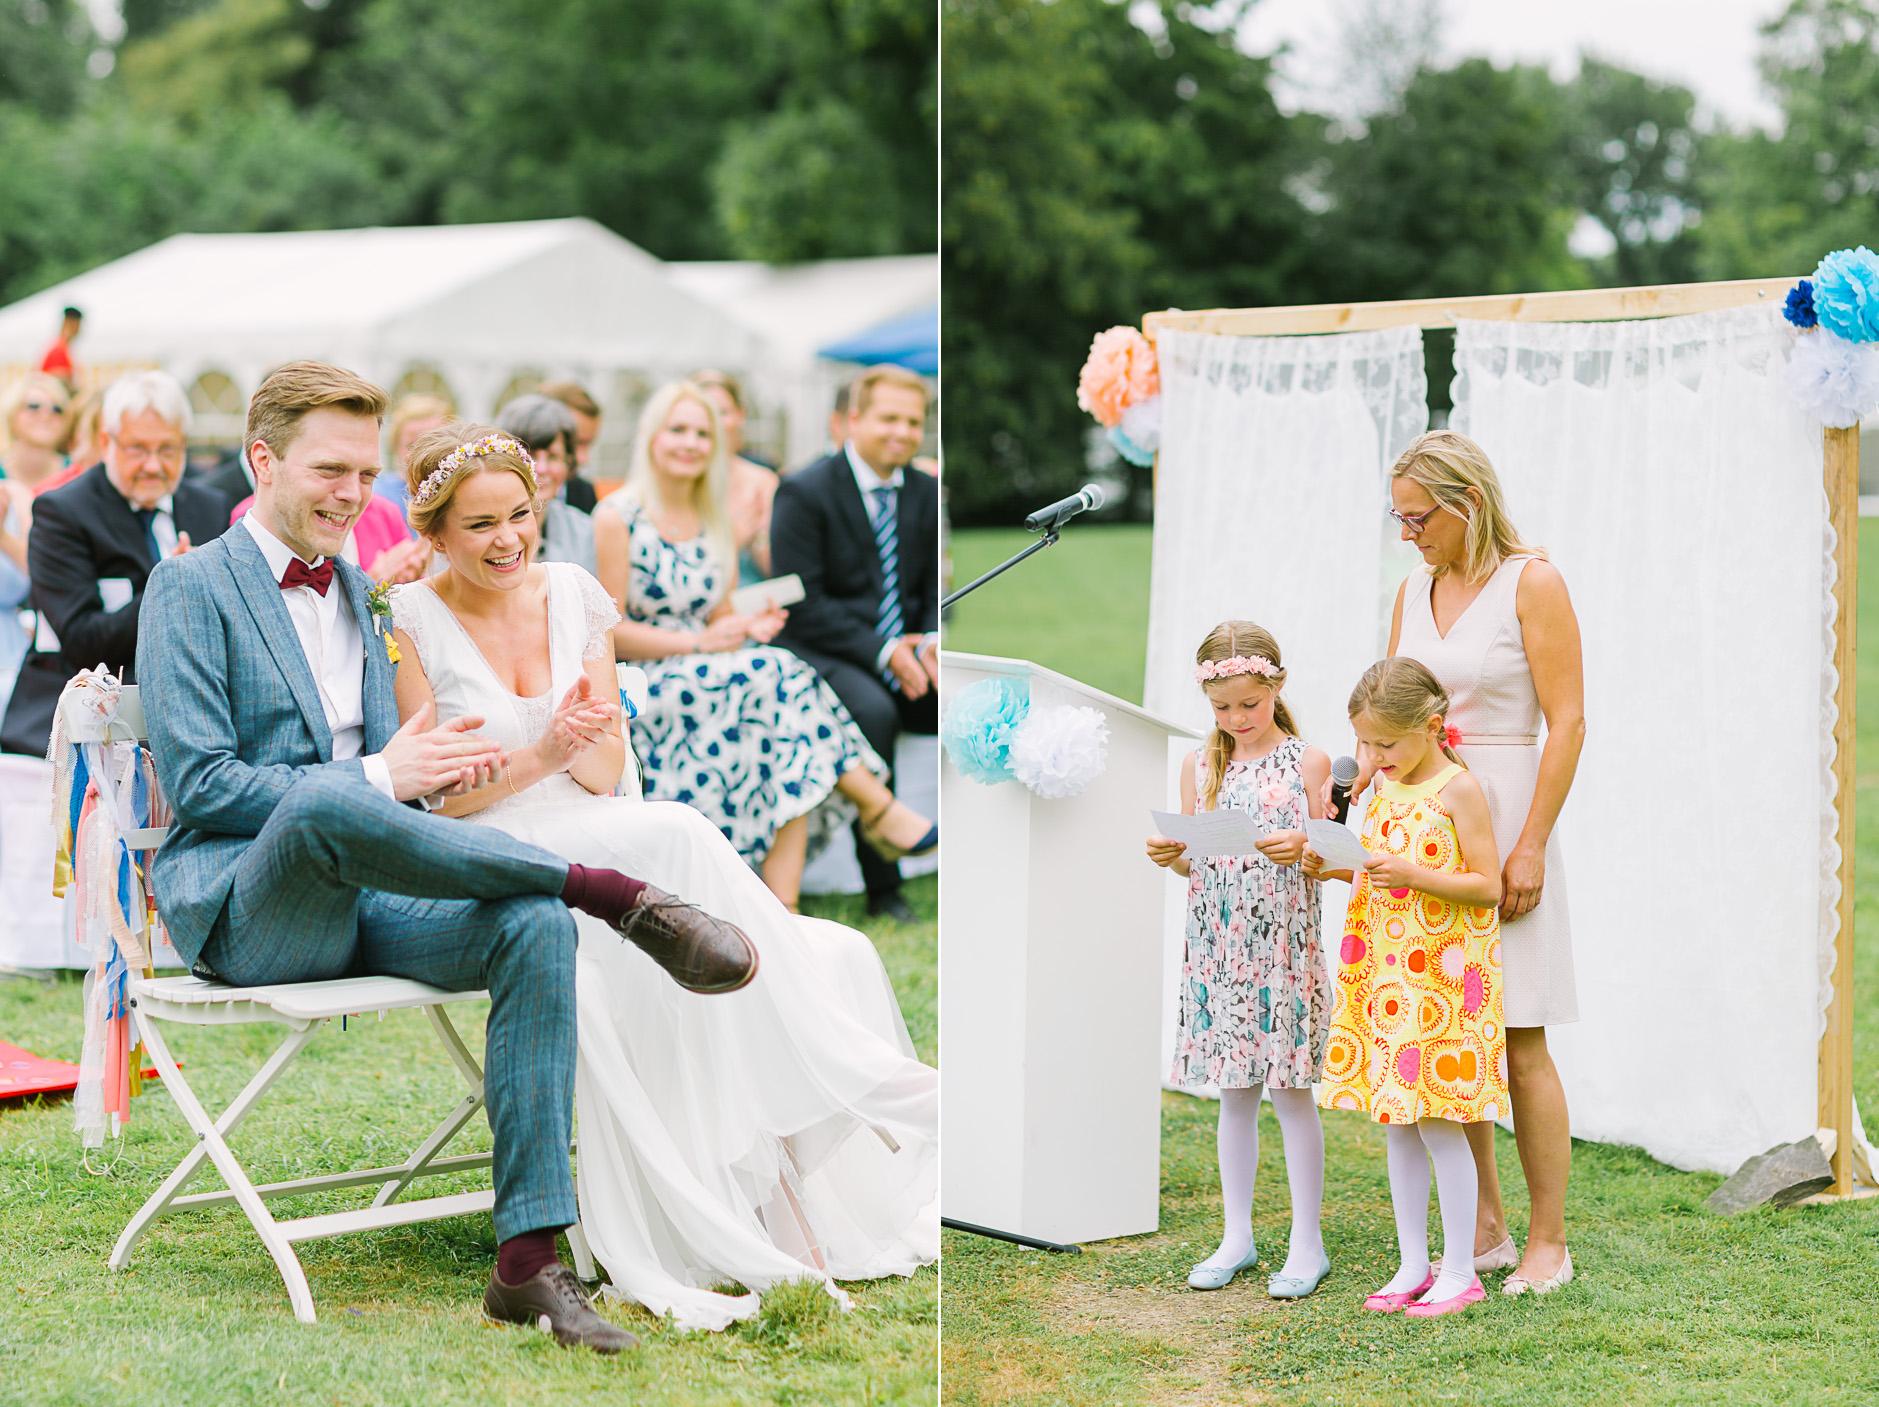 Hochzeitsfotograf Le Hai Linh Koeln Duesseldorf Bonn Zirkushochzeit Vintagehochzeit Sommerhochzeit 060.jpg